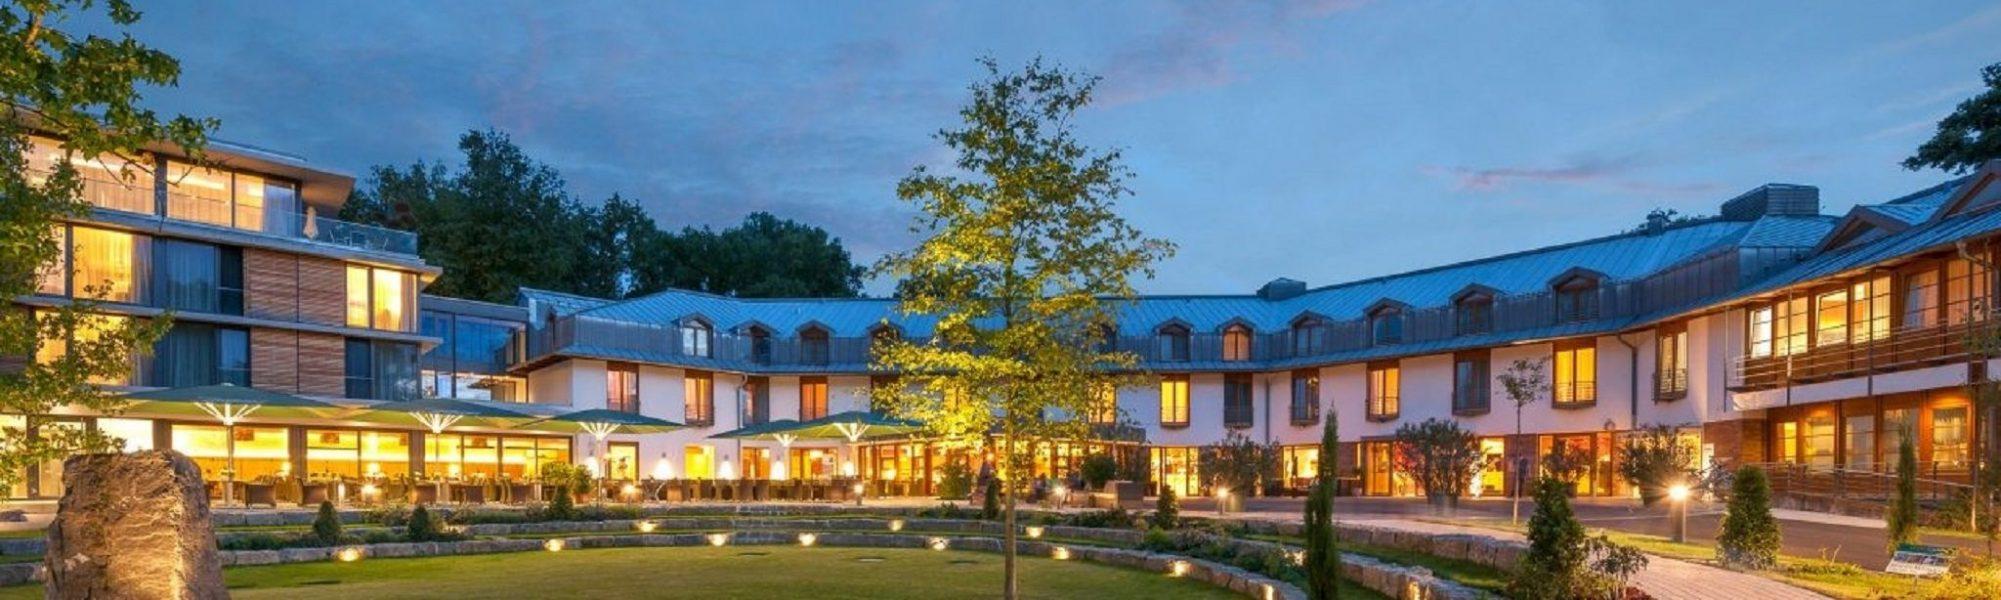 Bild vom Dorint Hotel